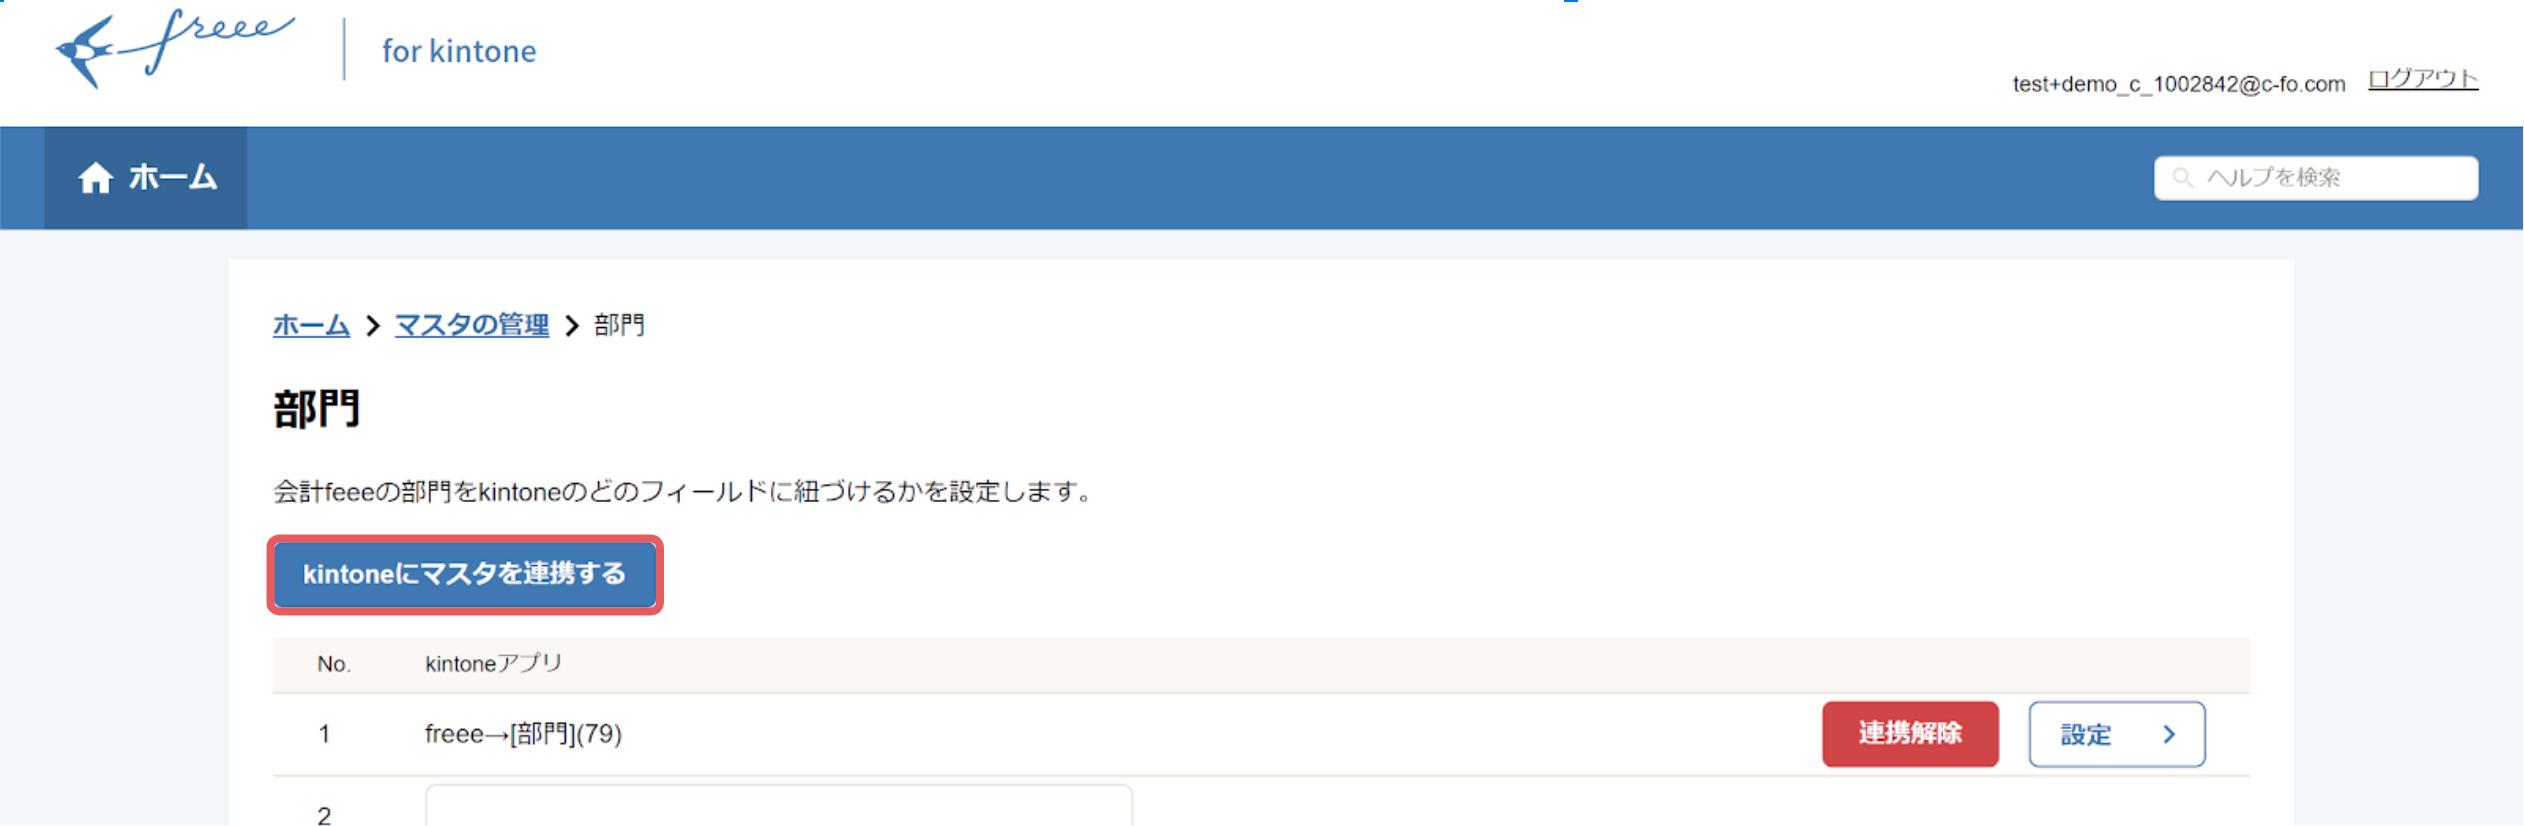 Screen_Shot_2020-07-09_at_16.34.03.png